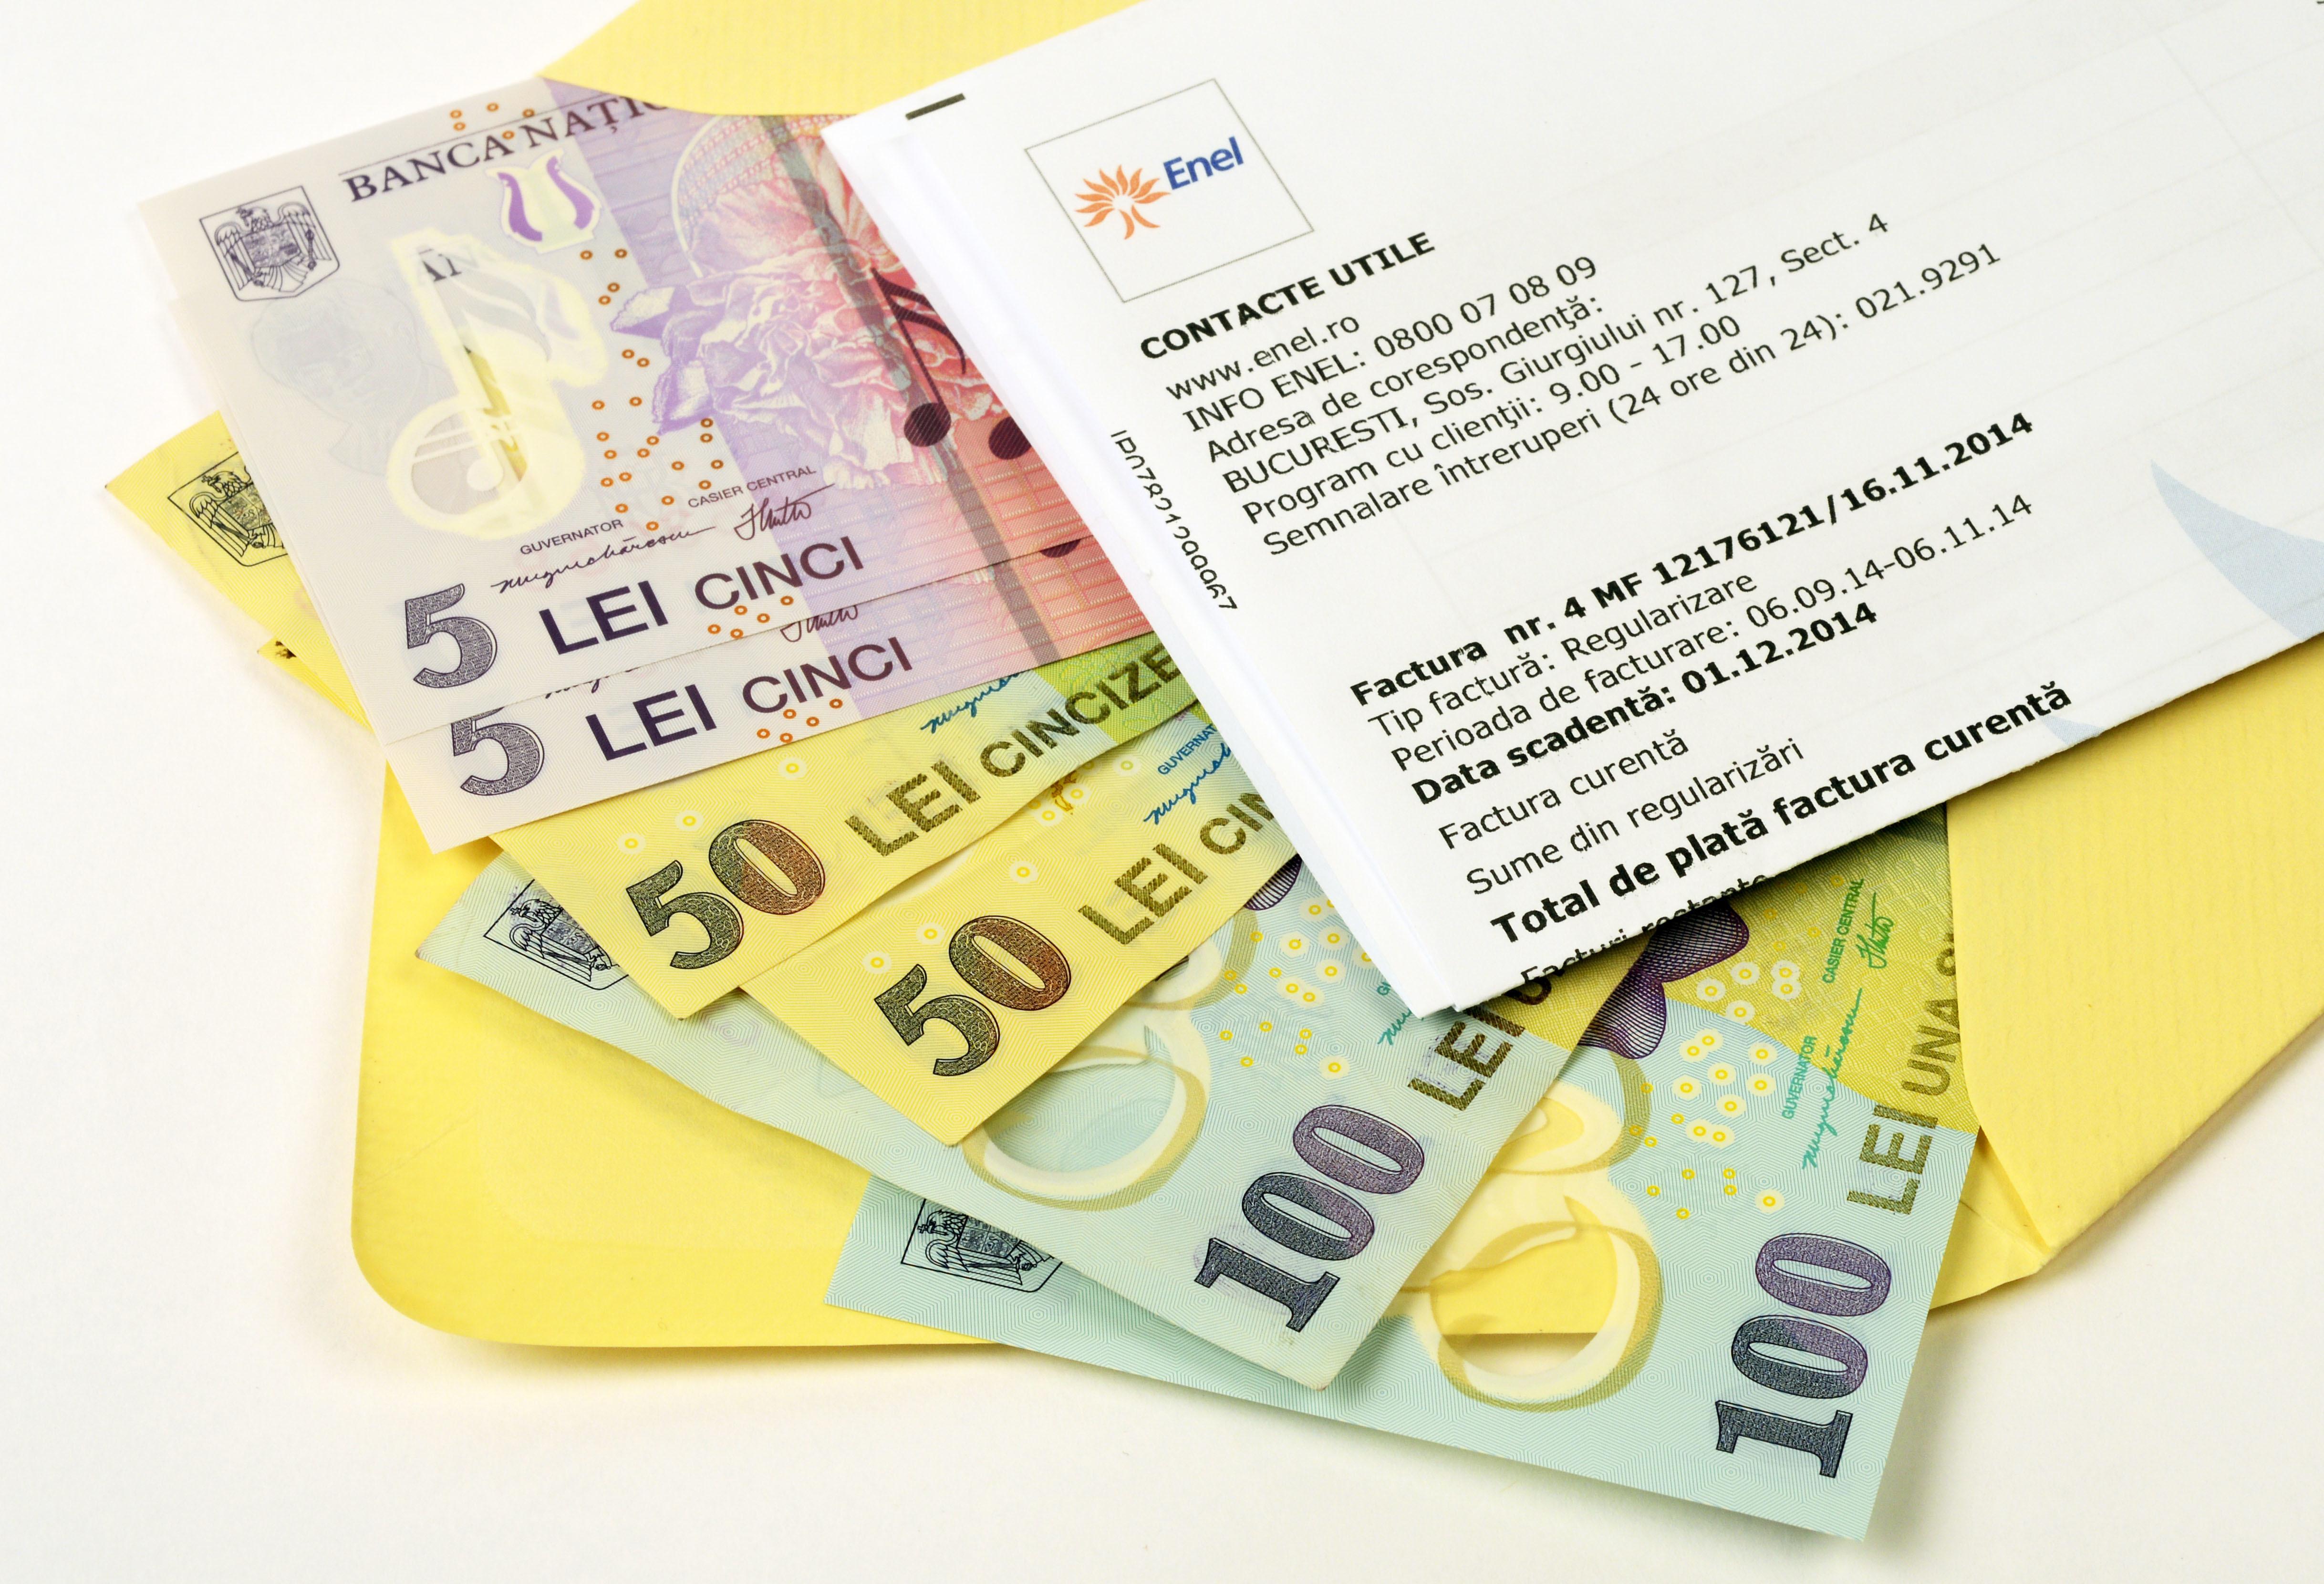 Senatul a aprobat ajutoare financiare pentru consumatorii vulnerabili de energie. Românii pot primi 500 lei/lună de la stat